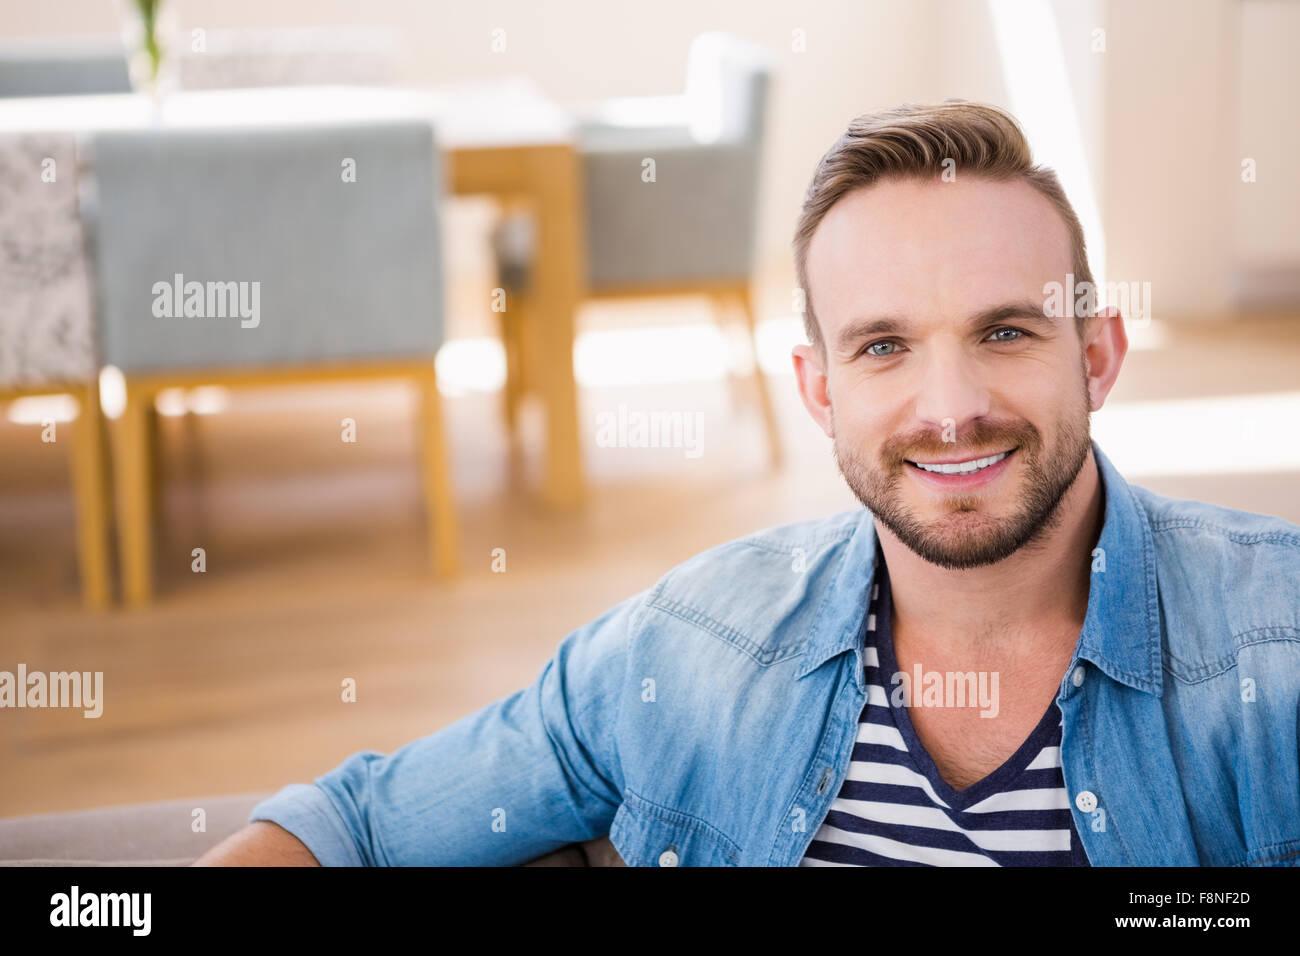 Apuesto hombre sonriendo a la cámara Imagen De Stock